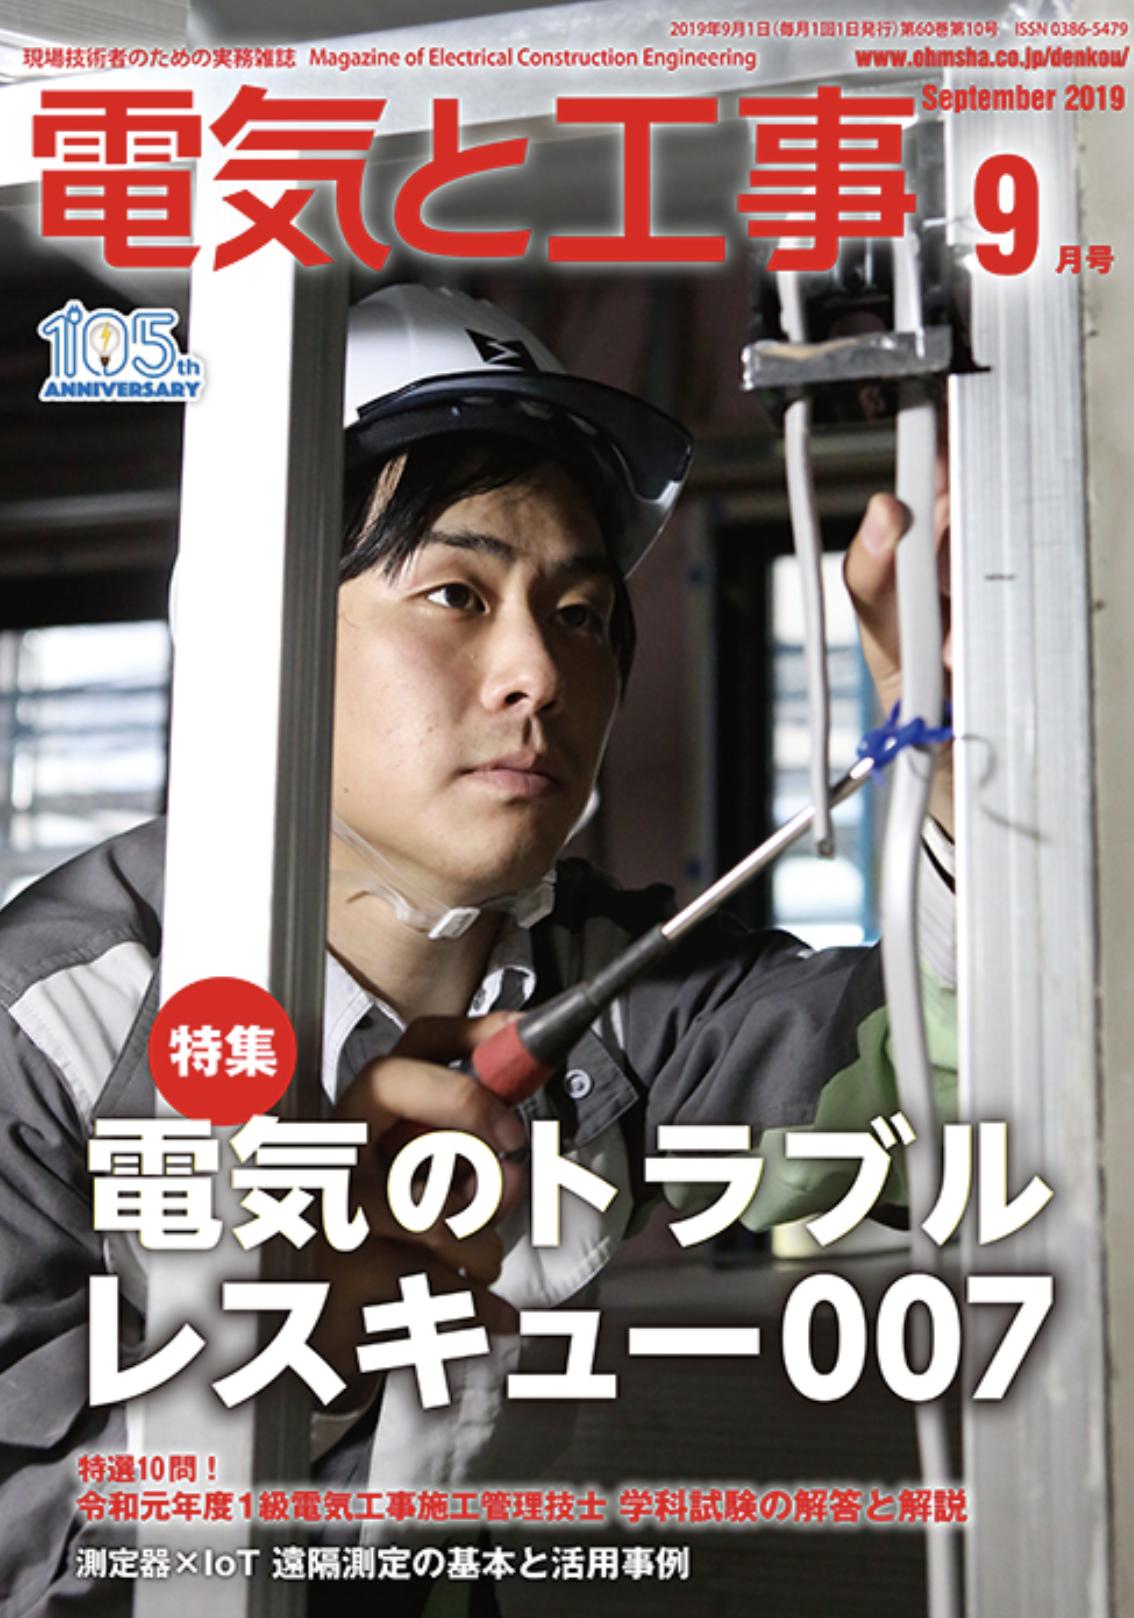 【新刊トピックス 2019年8月】電気と工事 2019年9月号 (第60巻第10号通巻791号)の画像